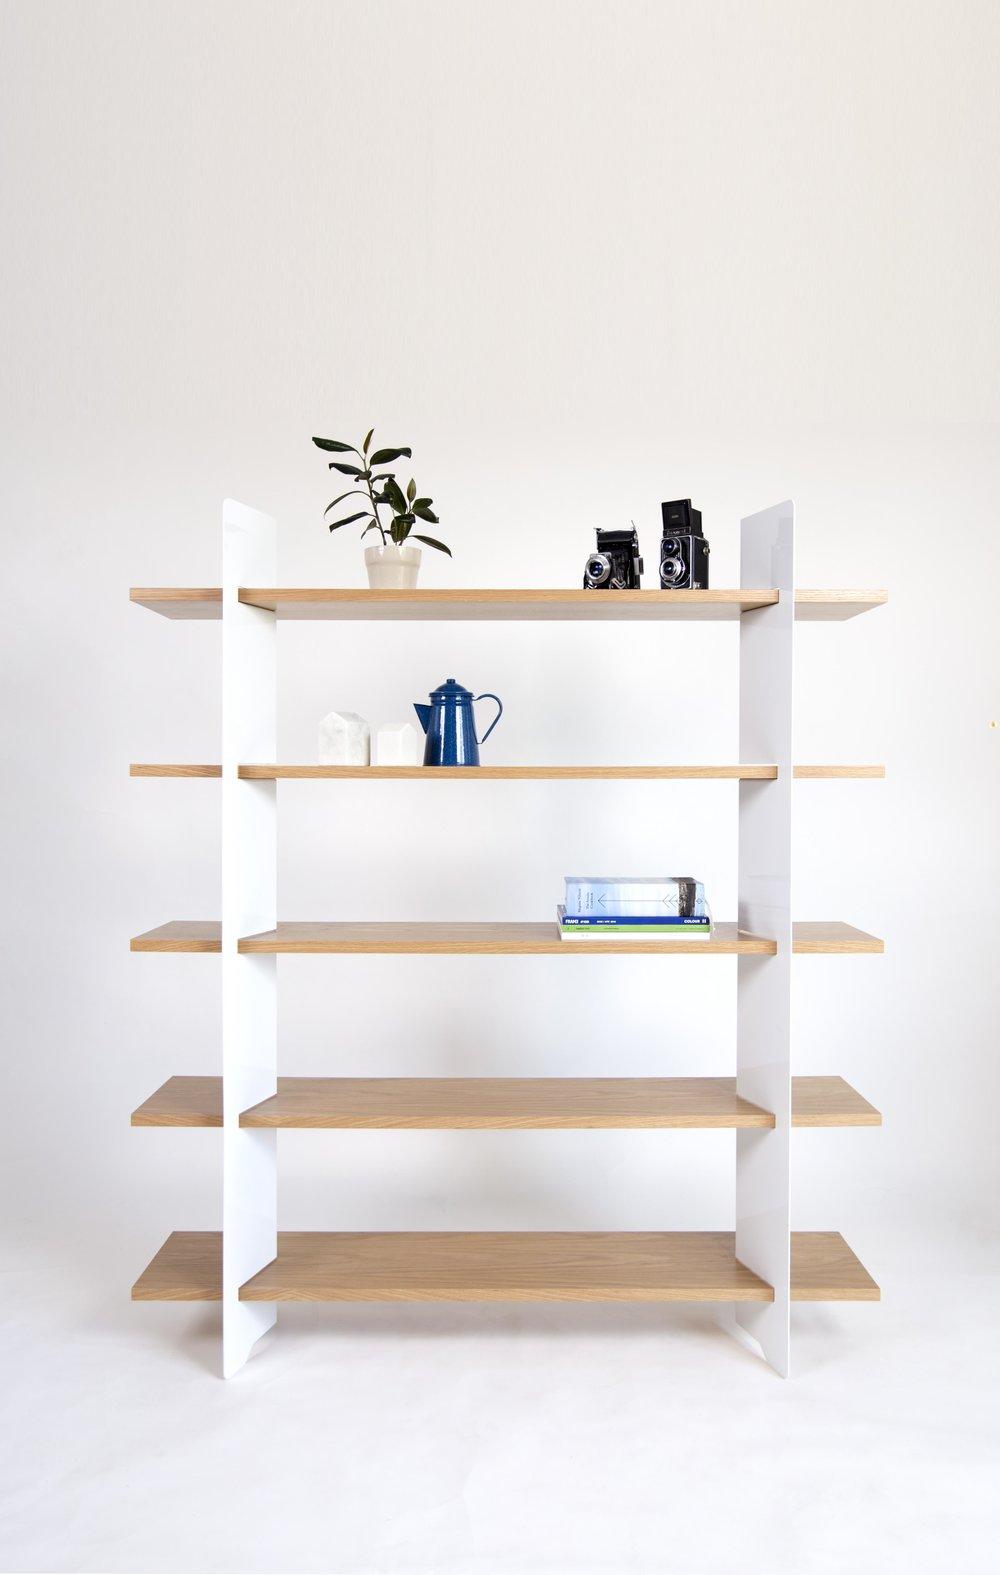 5 meubles de biblioth que par des designers qu b cois for Meuble quebecois design